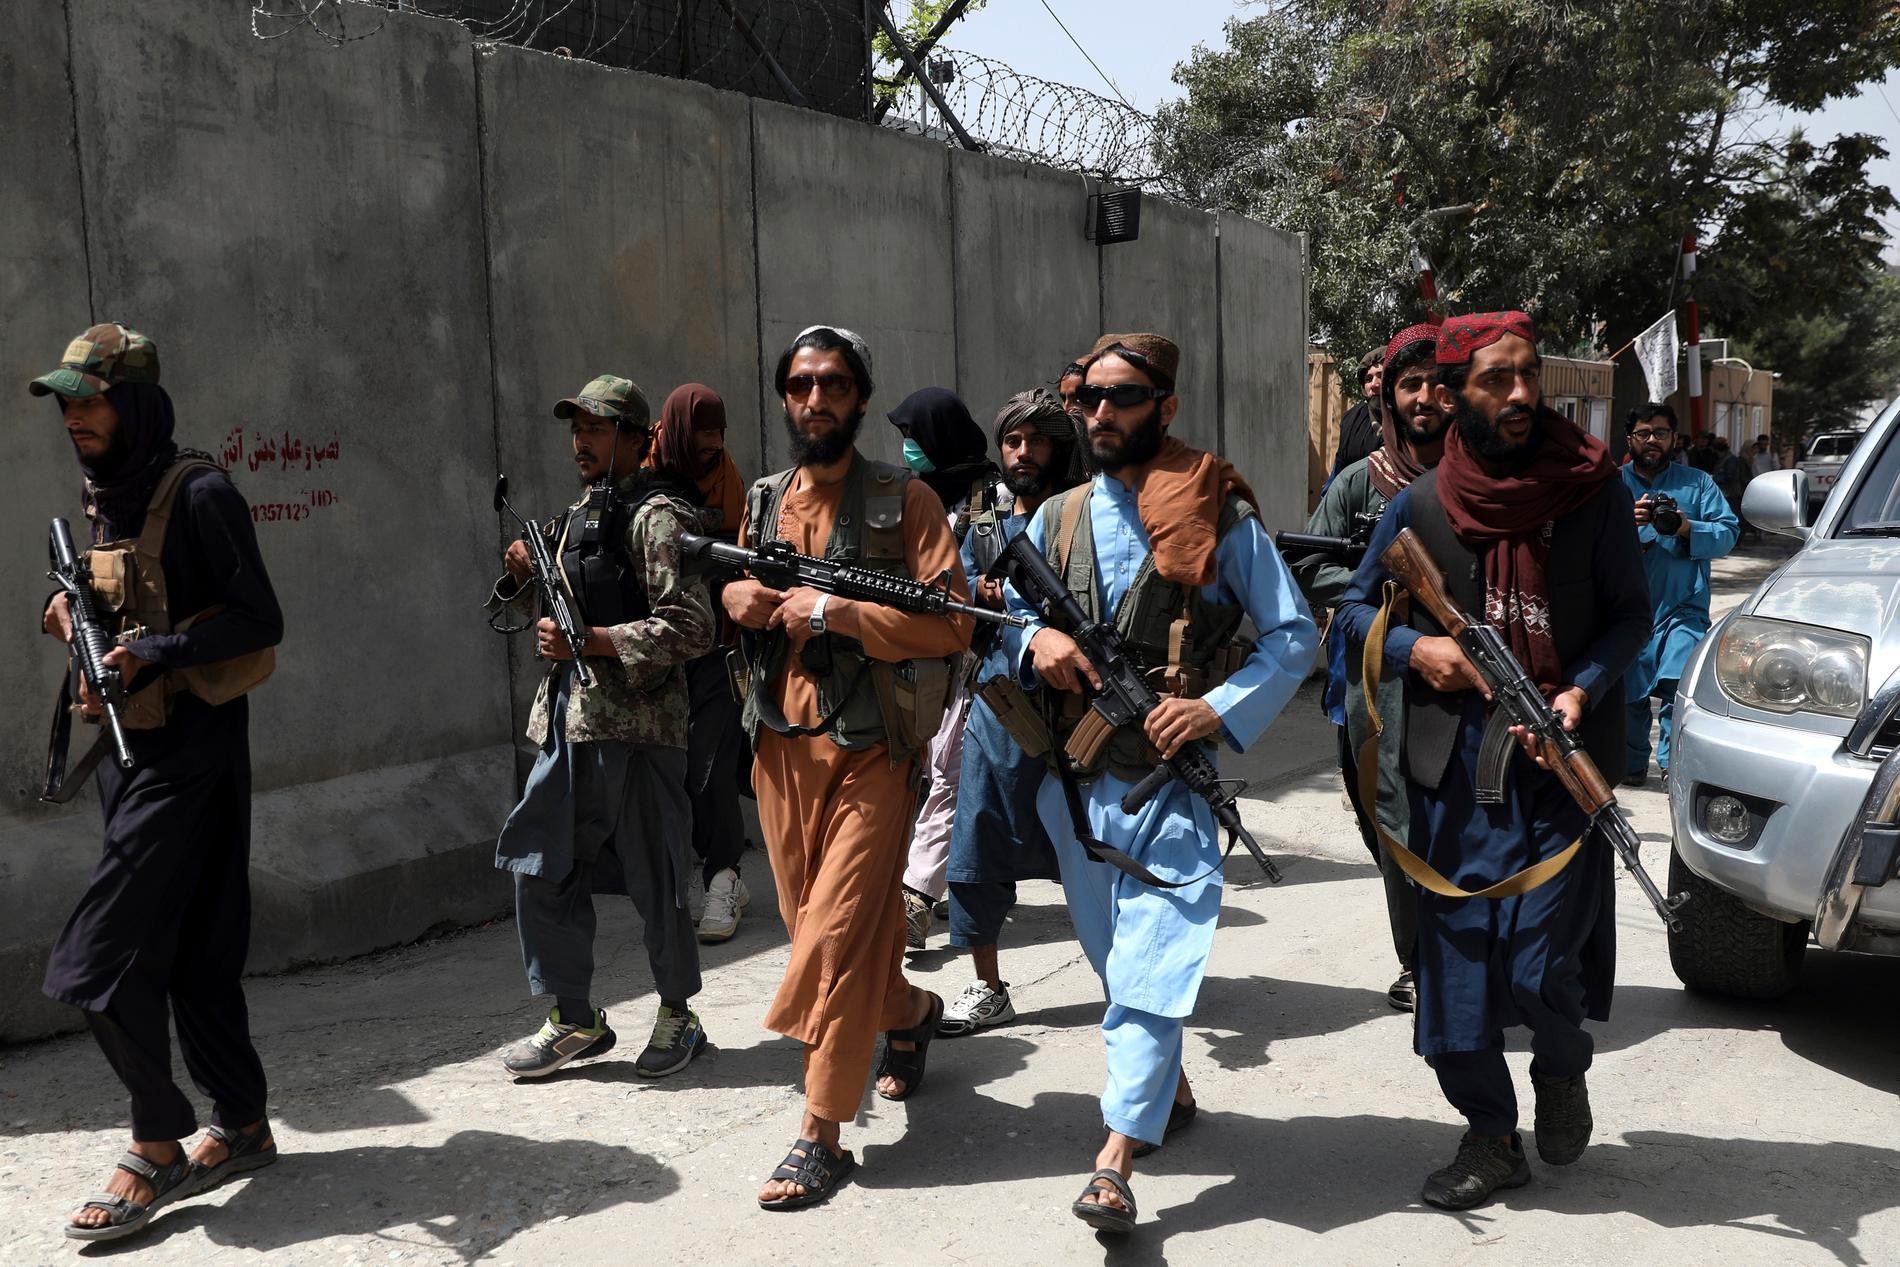 När talibanerna tog över Kabul fick kvinnor höra att det var deras sista dag ute på gatorna. Bilden är från Kabul den 18 augusti.